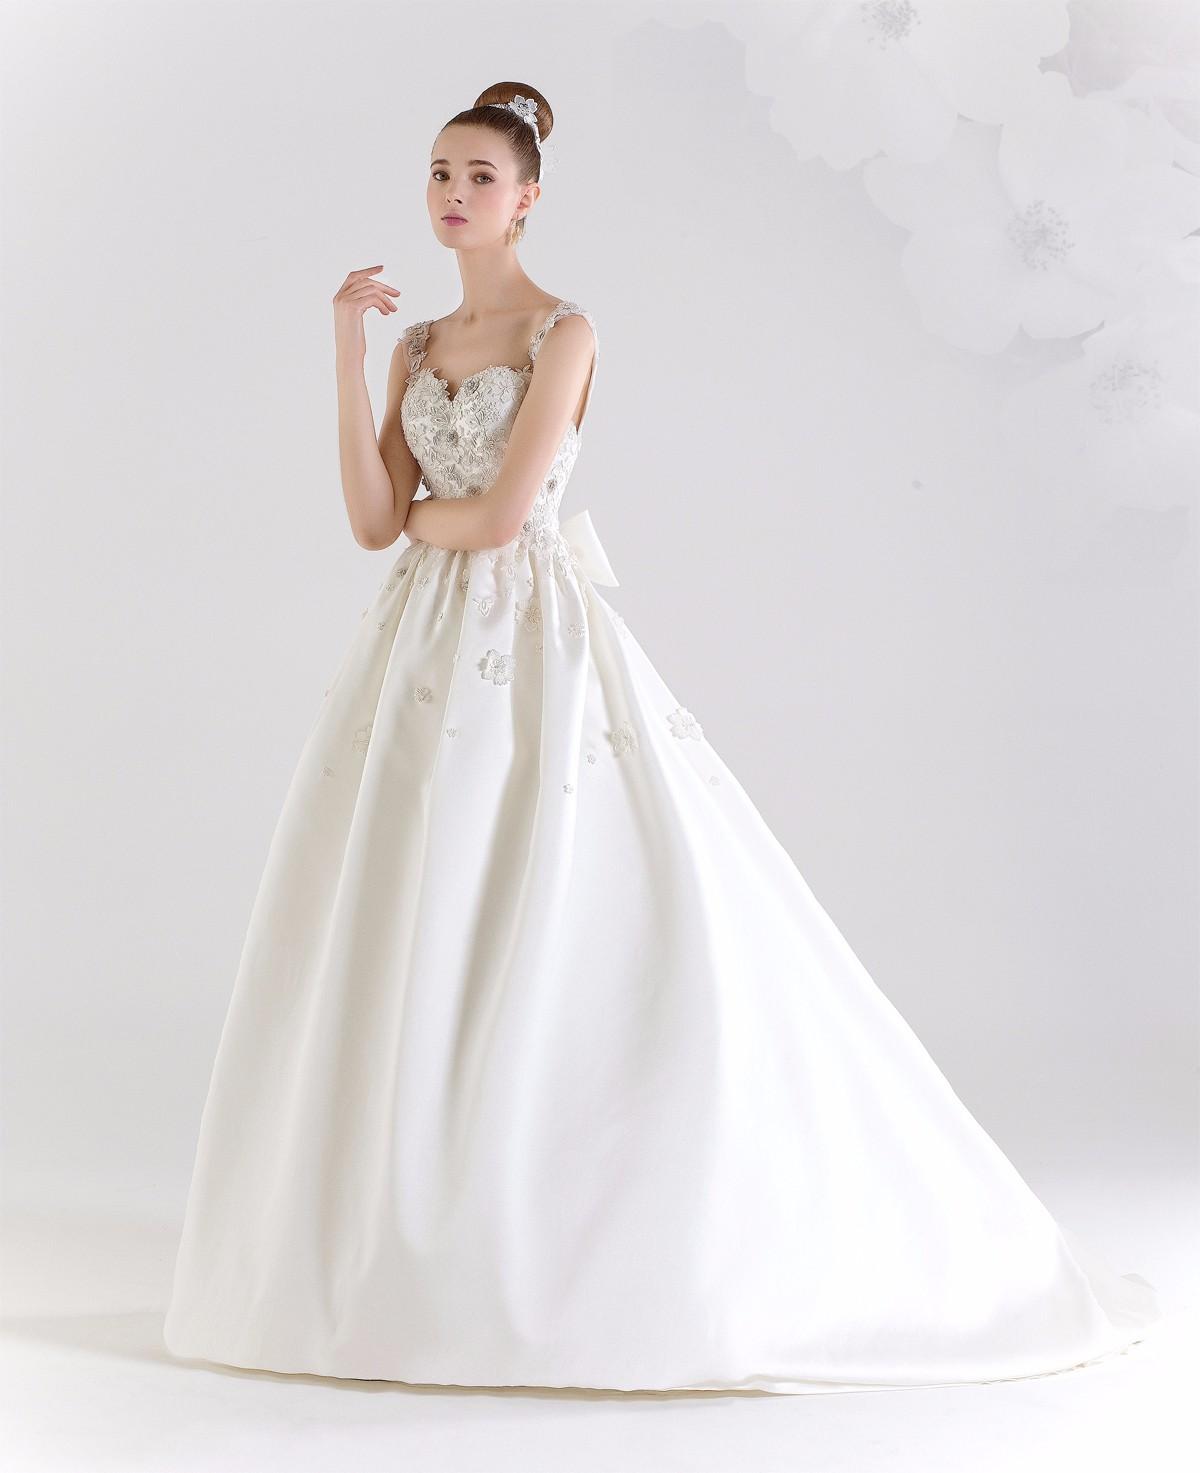 7b3ad4a774ae abito da sposa romantico - Abiti da sposa Roma - Anna Tumas Atelier